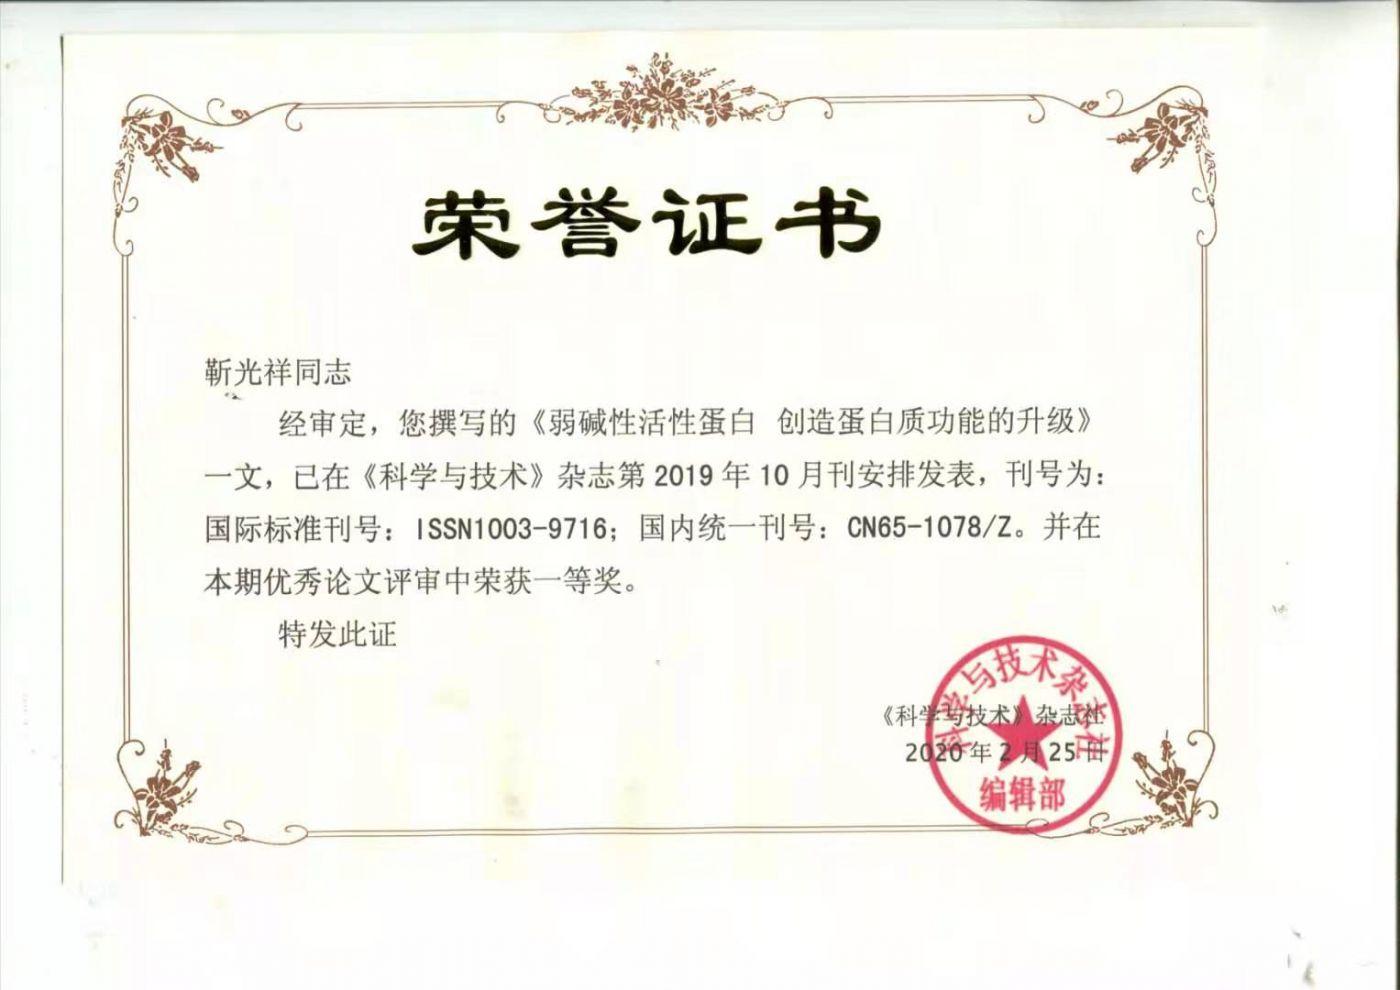 中国有了高活性蛋白质之三_图1-2